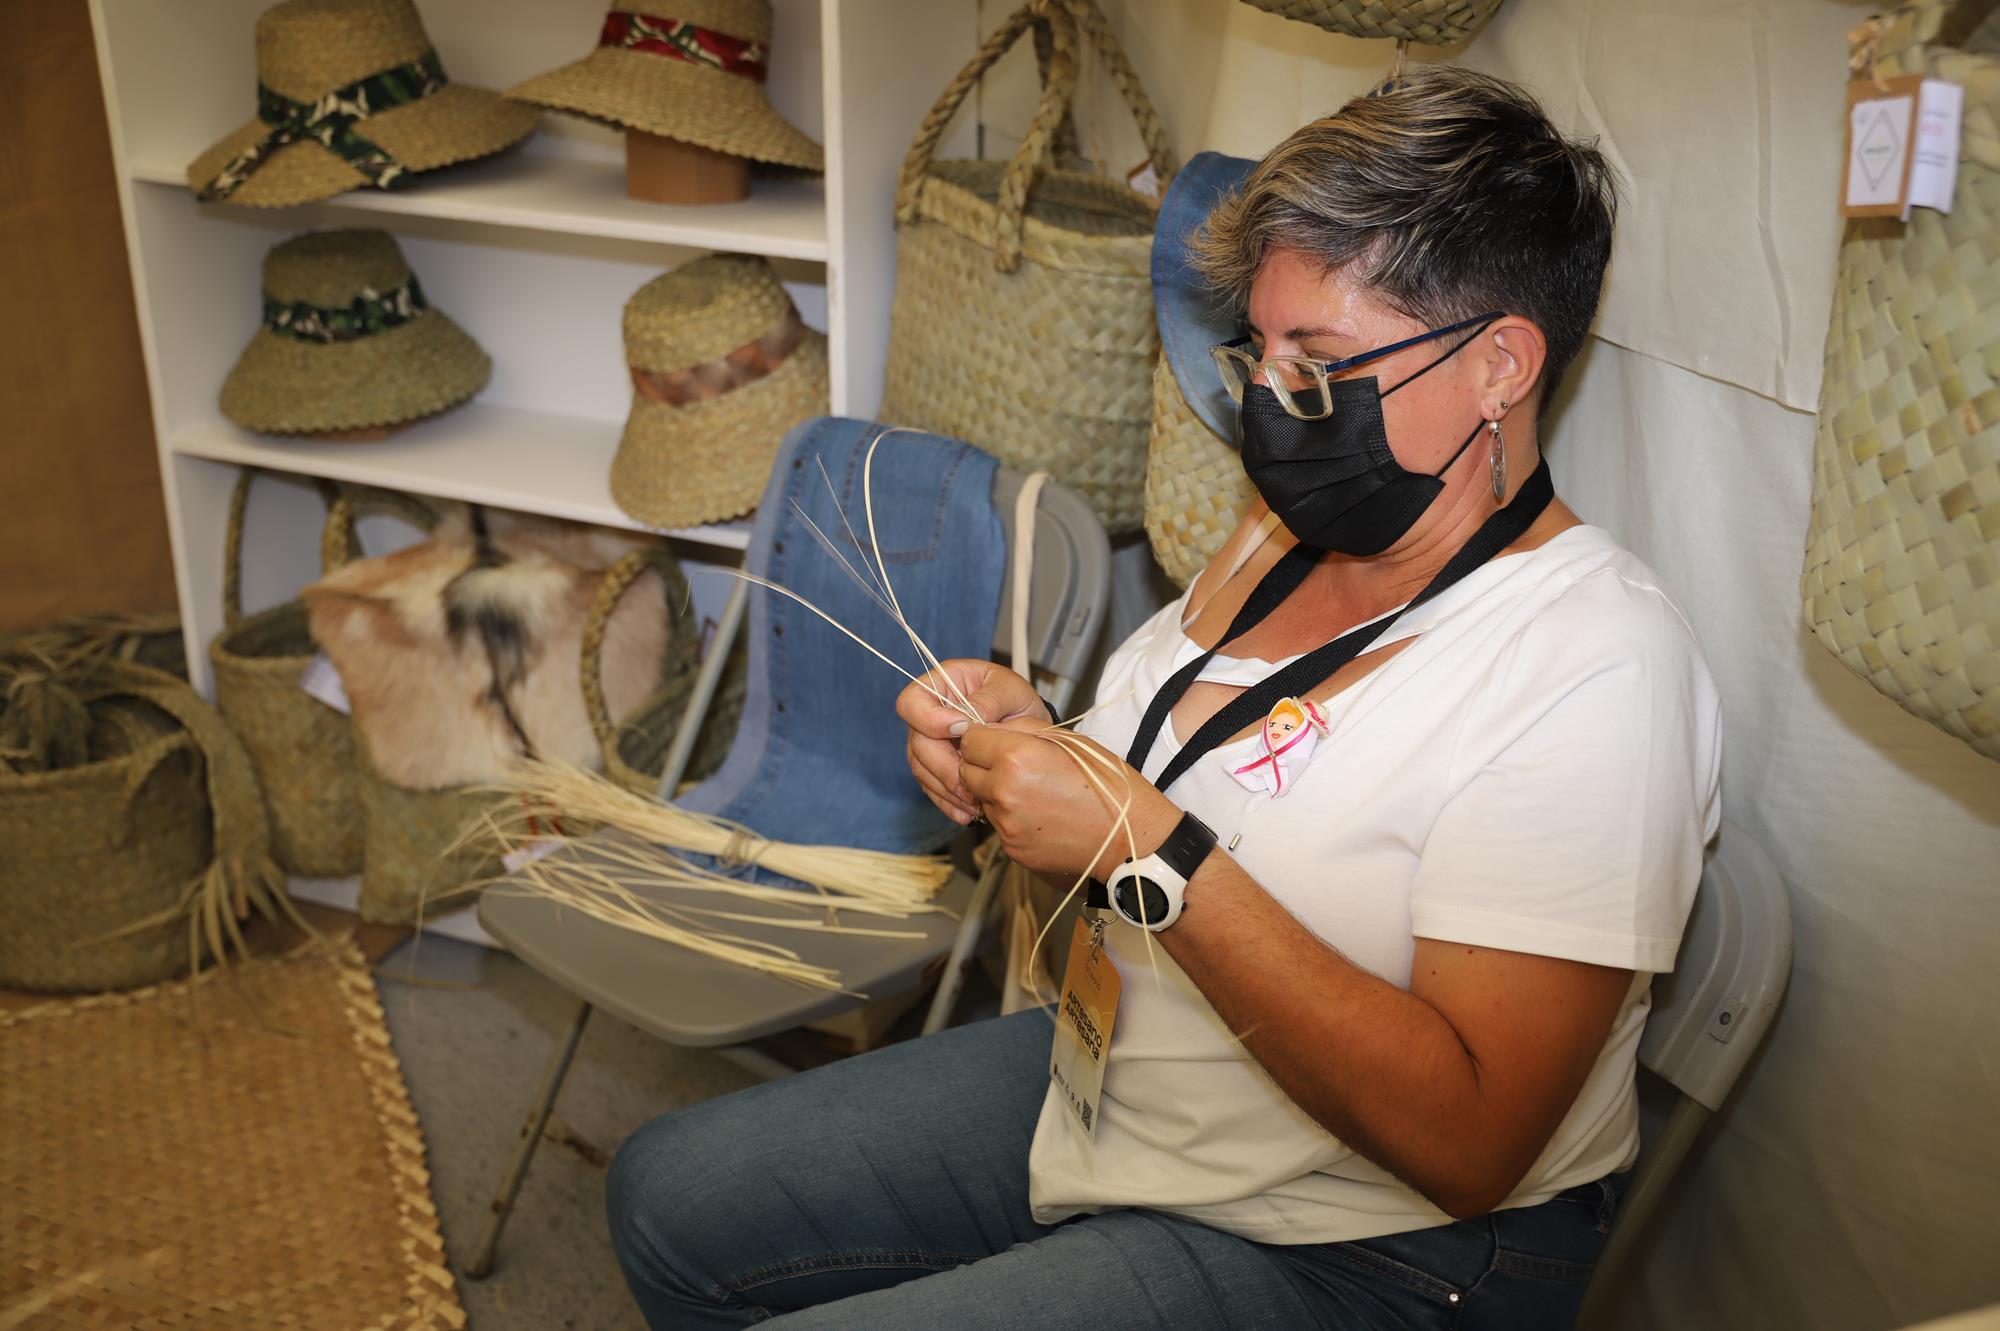 El Cabildo de Lanzarote pone en marcha cursos de iniciación a oficios artesanos tradicionales